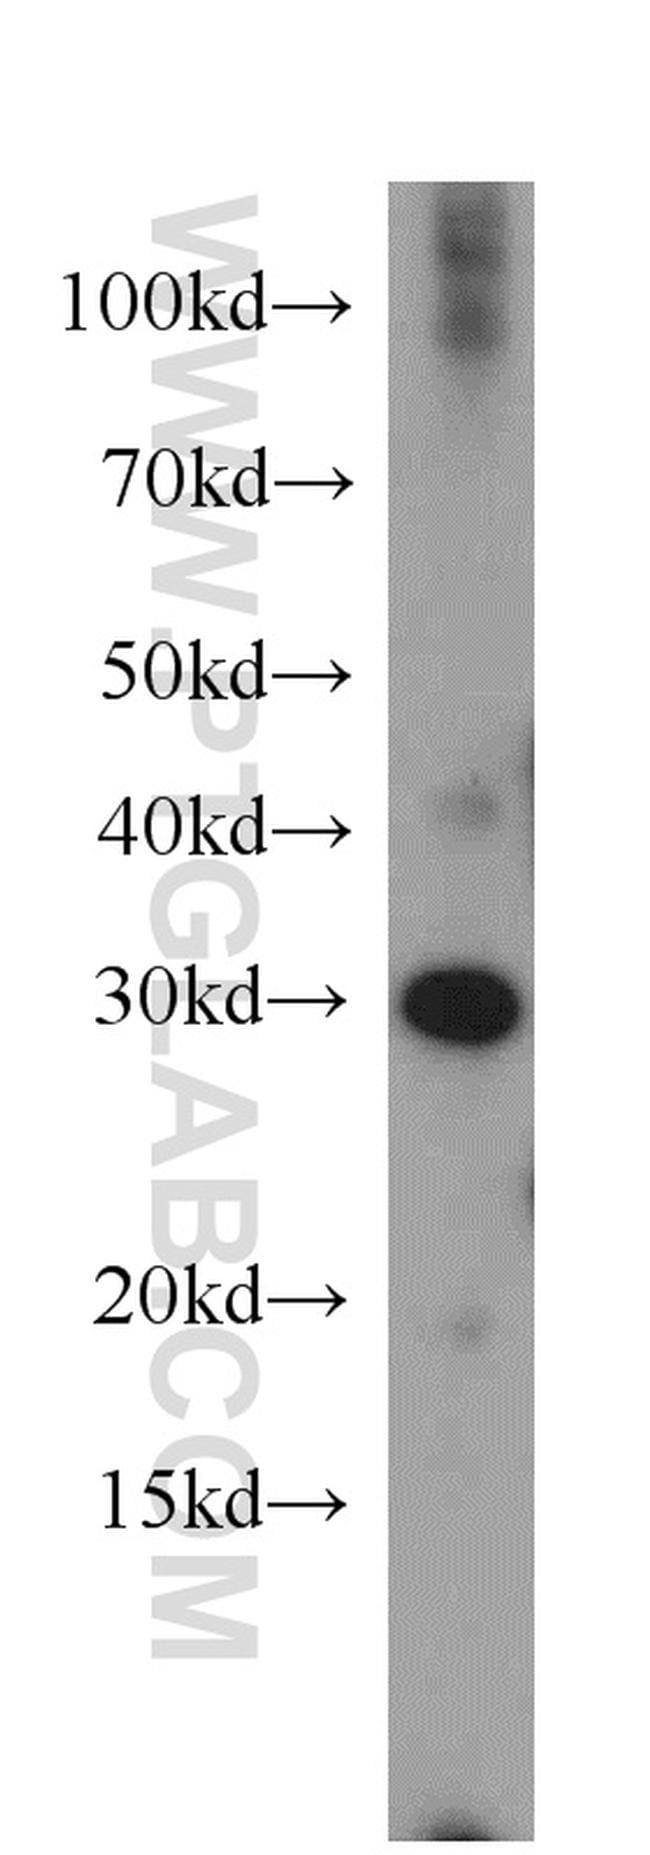 MRTO4 Antibody in Western Blot (WB)